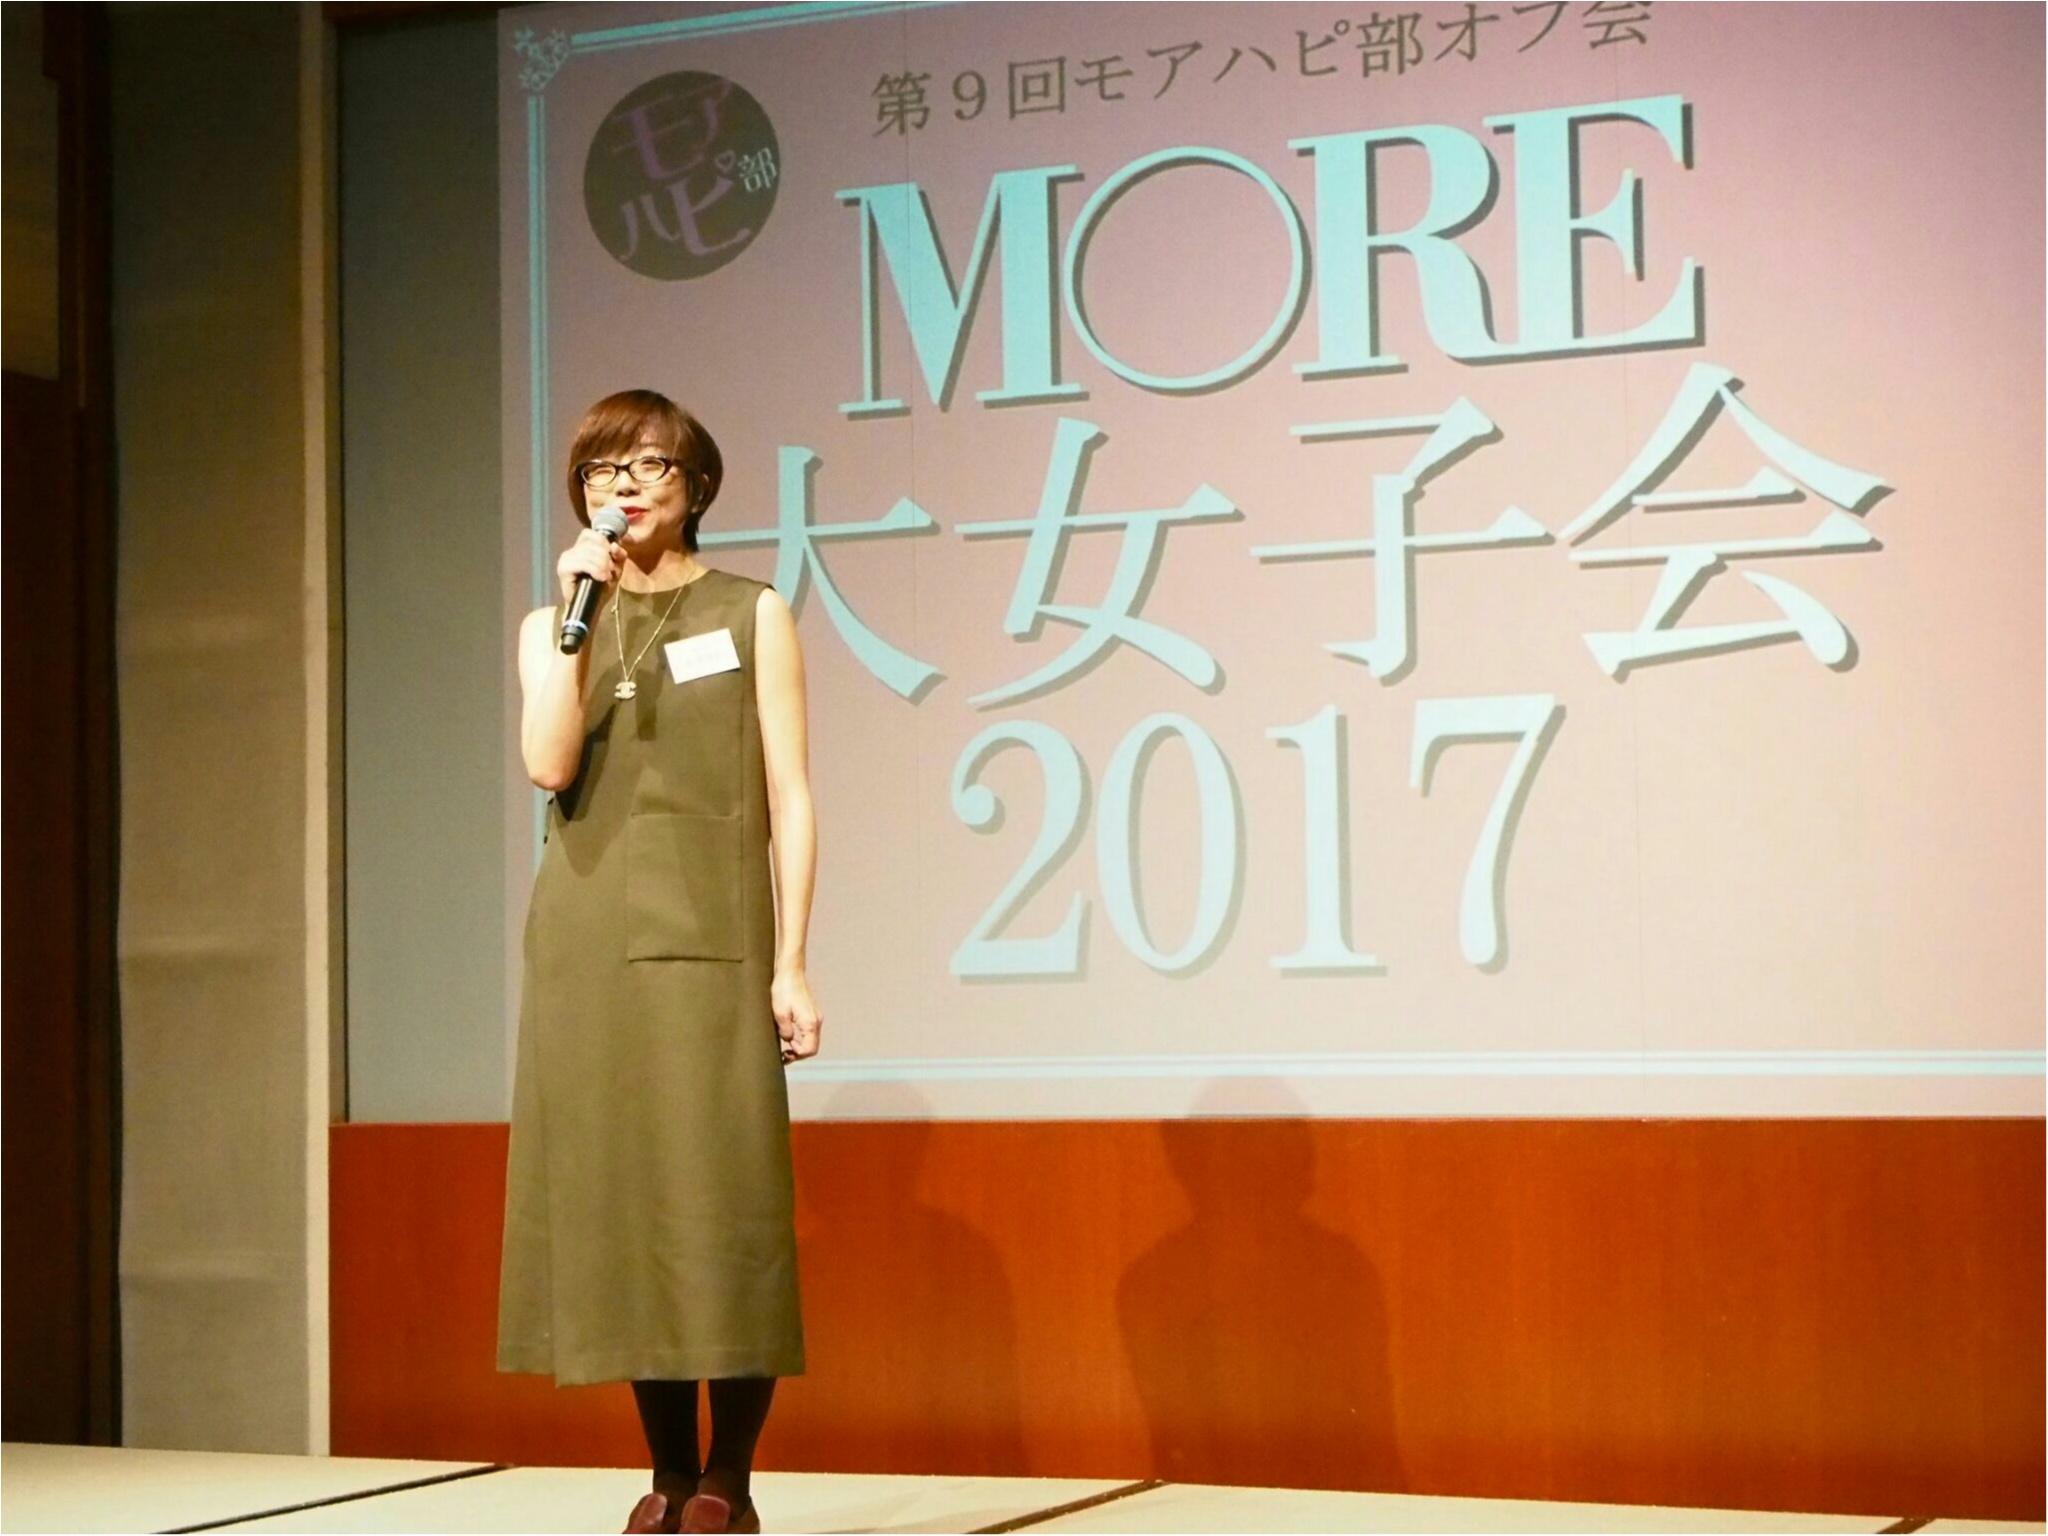 モアハピ部が集結!「MORE大女子会2017」の様子が2月28日発売のMORE4月号に掲載中?!あなたも雑誌に出るチャンスがあるかも?_3